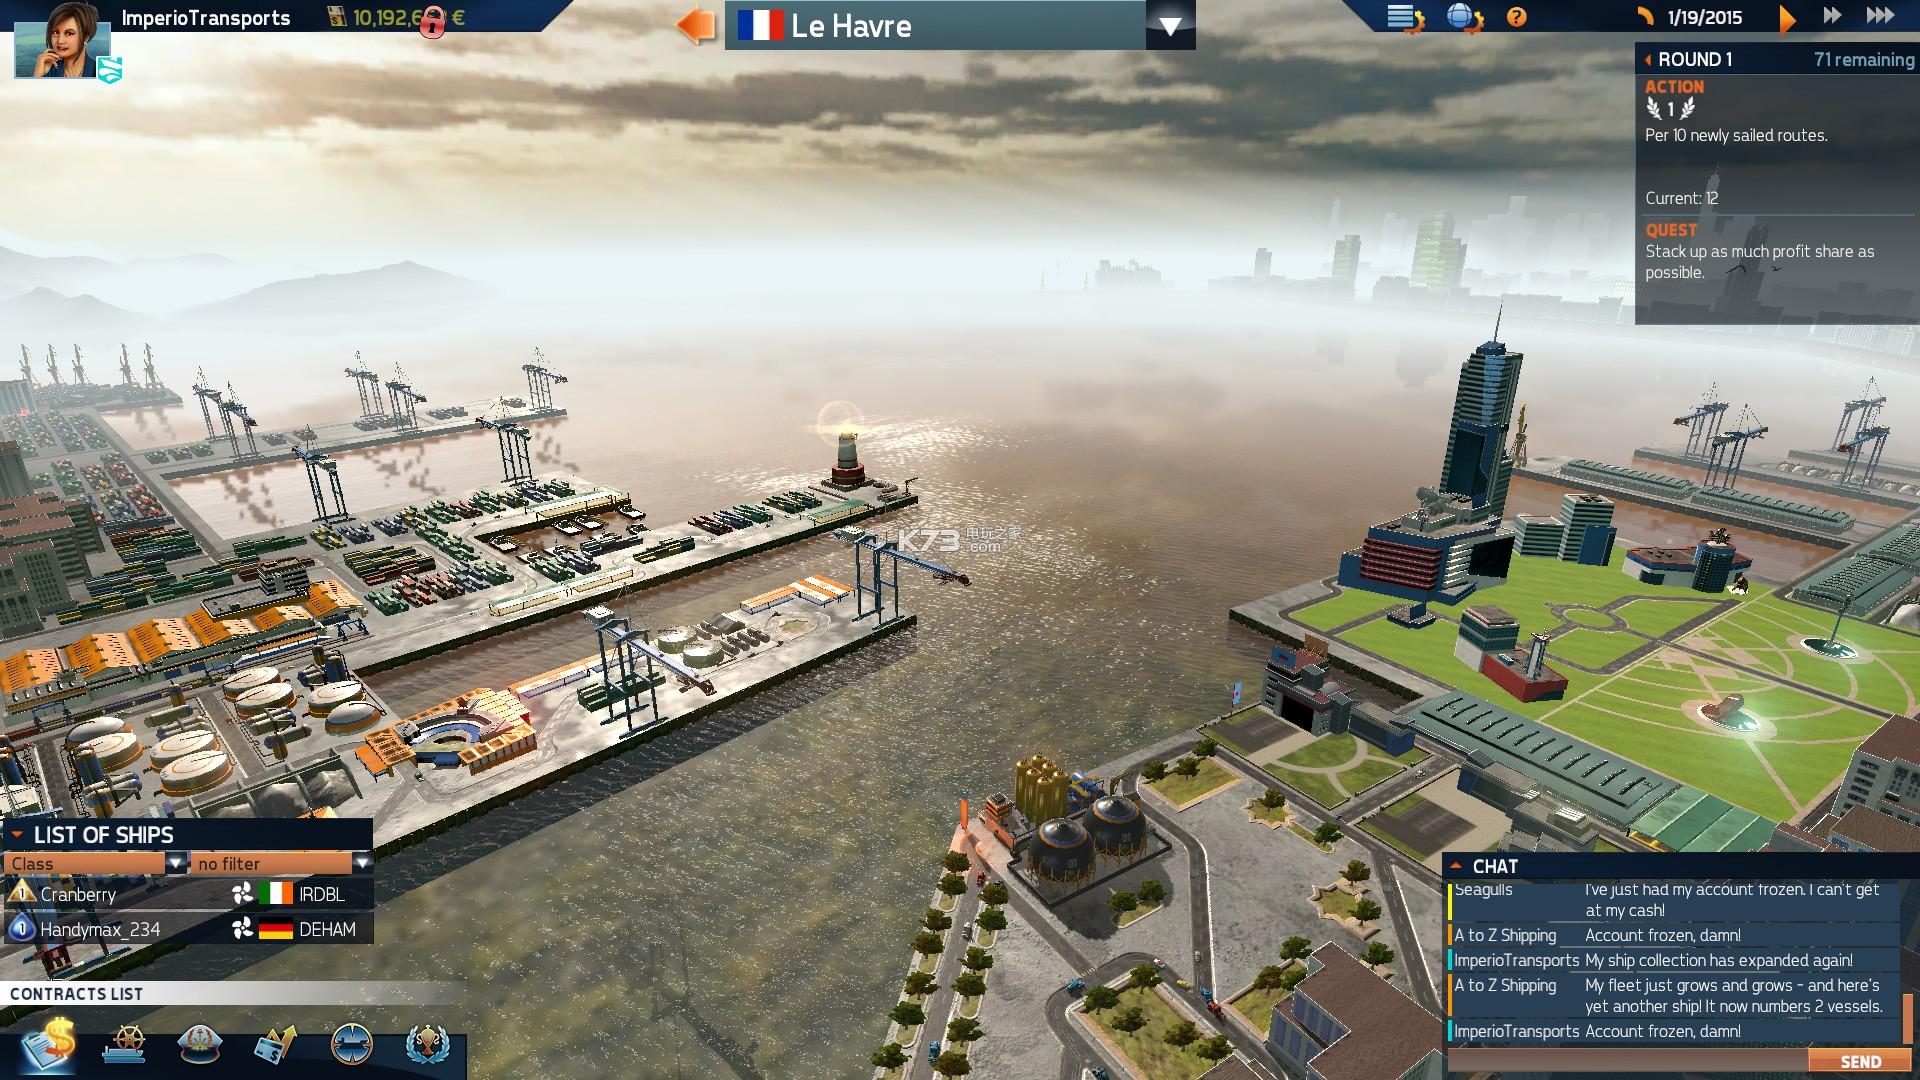 跨洋2竞争对手免装中文版-跨洋2竞争攻略联机45对手本天刀奶妈图片